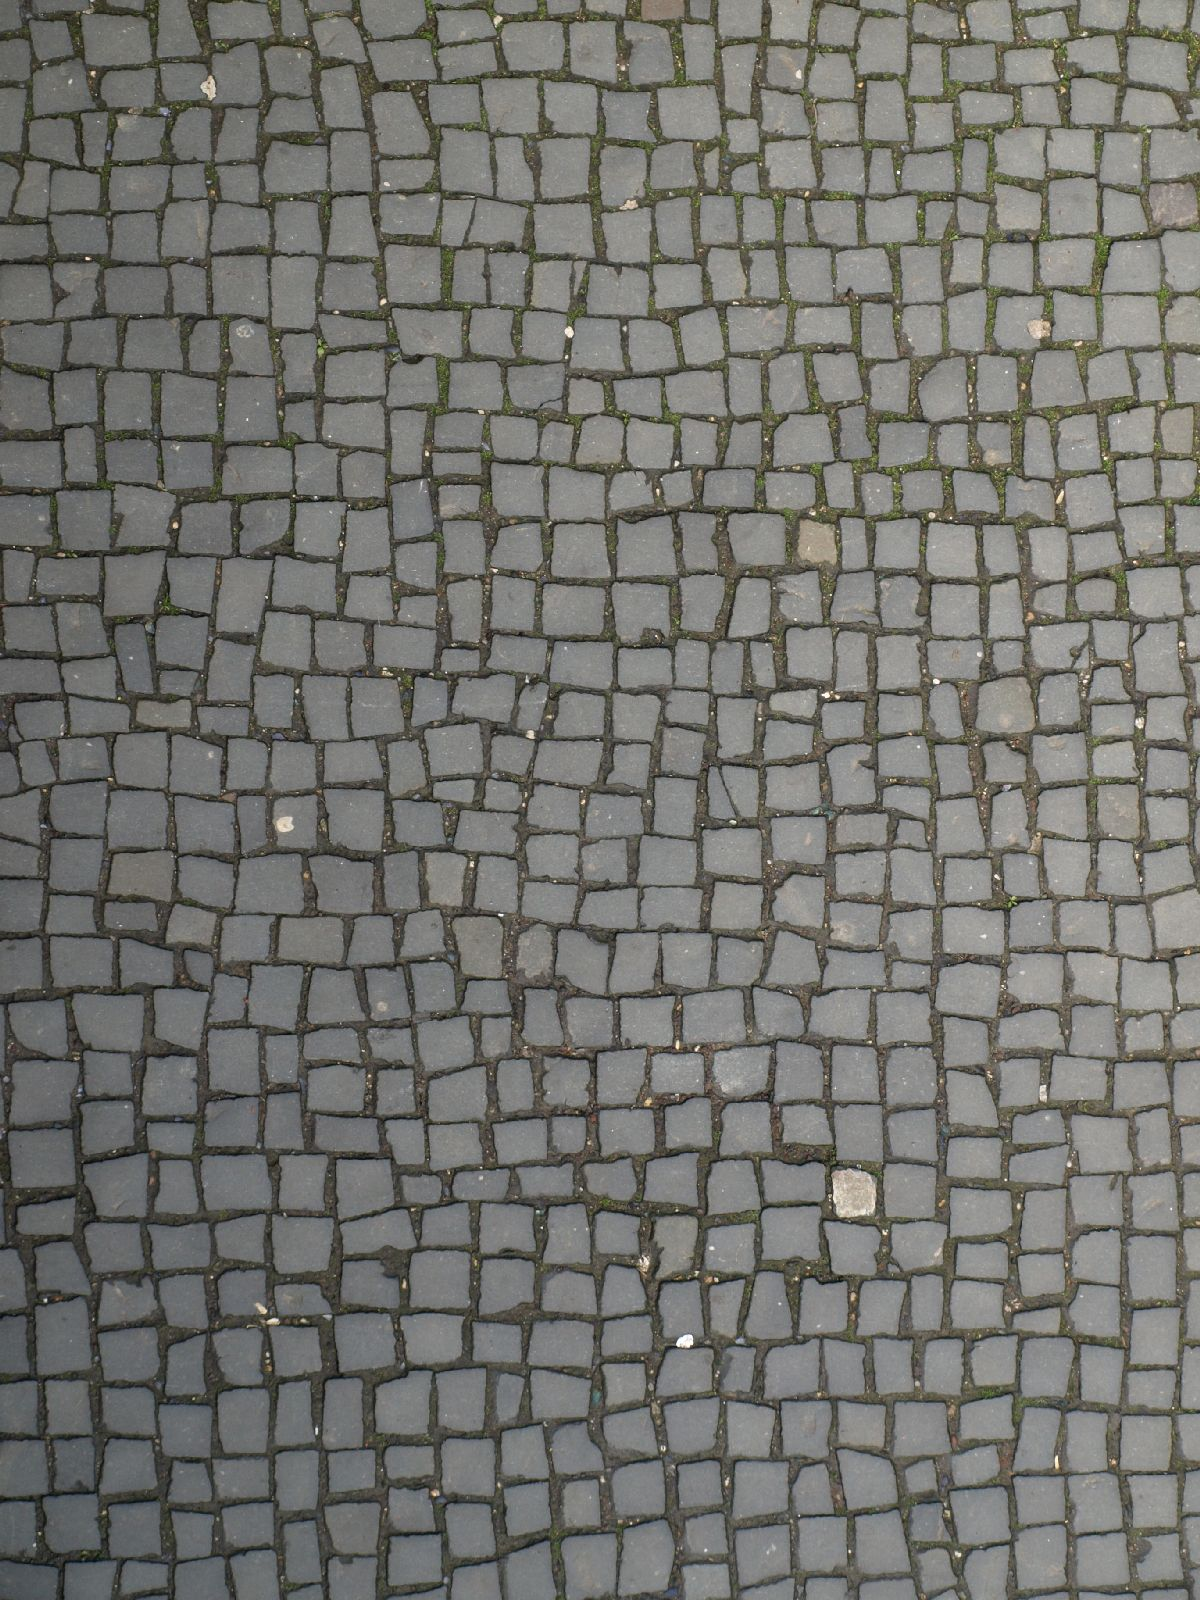 Boden-Gehweg-Strasse-Buergersteig-Textur_A_P4131136